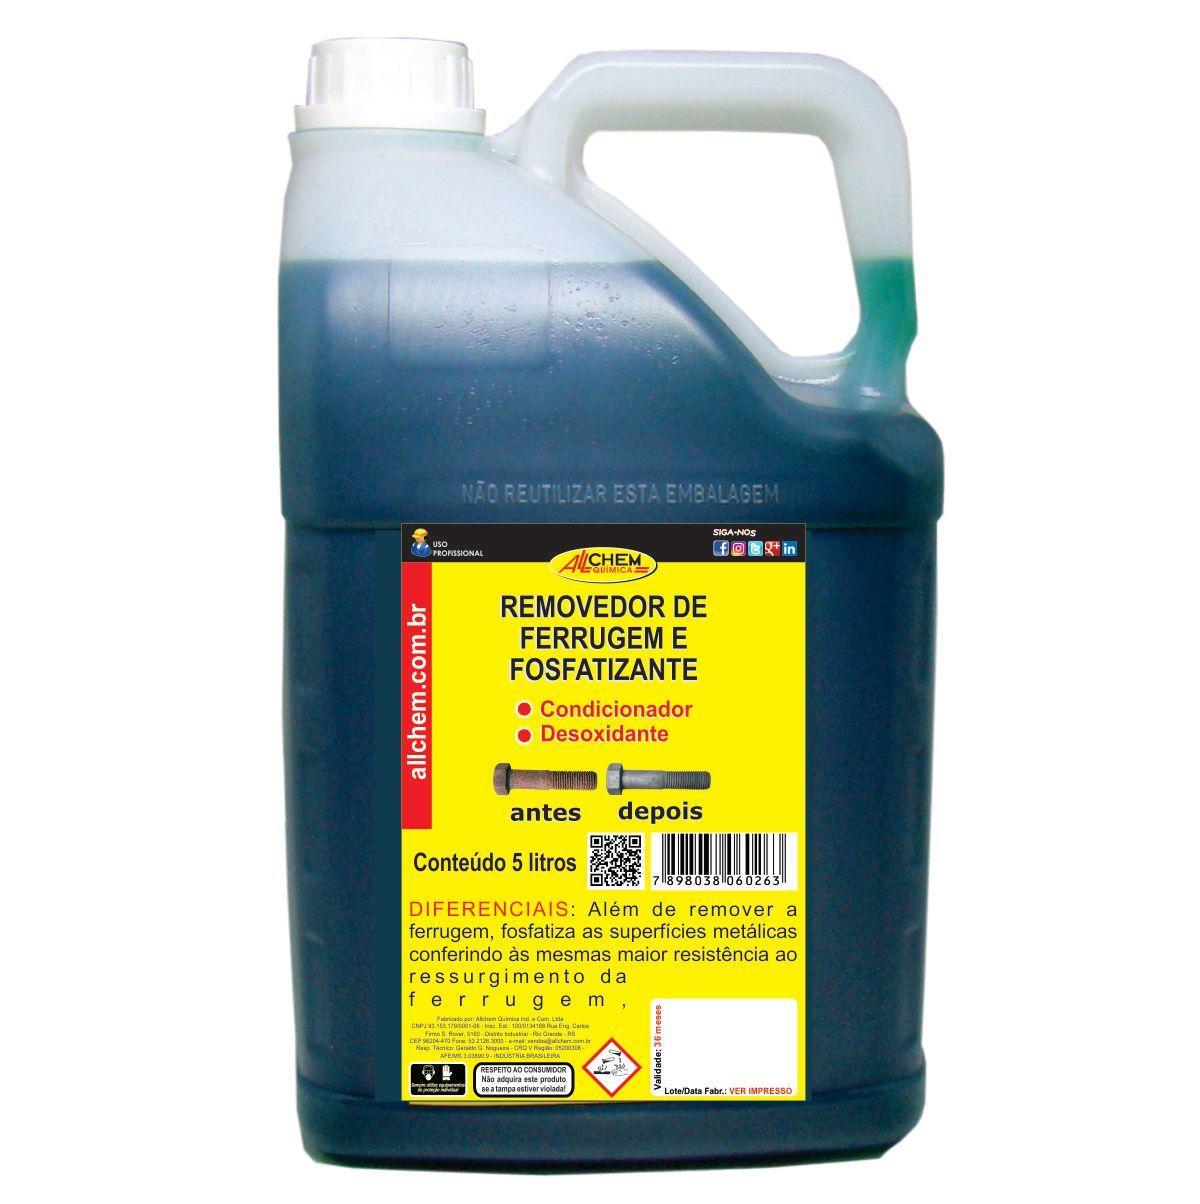 removedor-de-ferrugem-e-fosfatizante-allchem